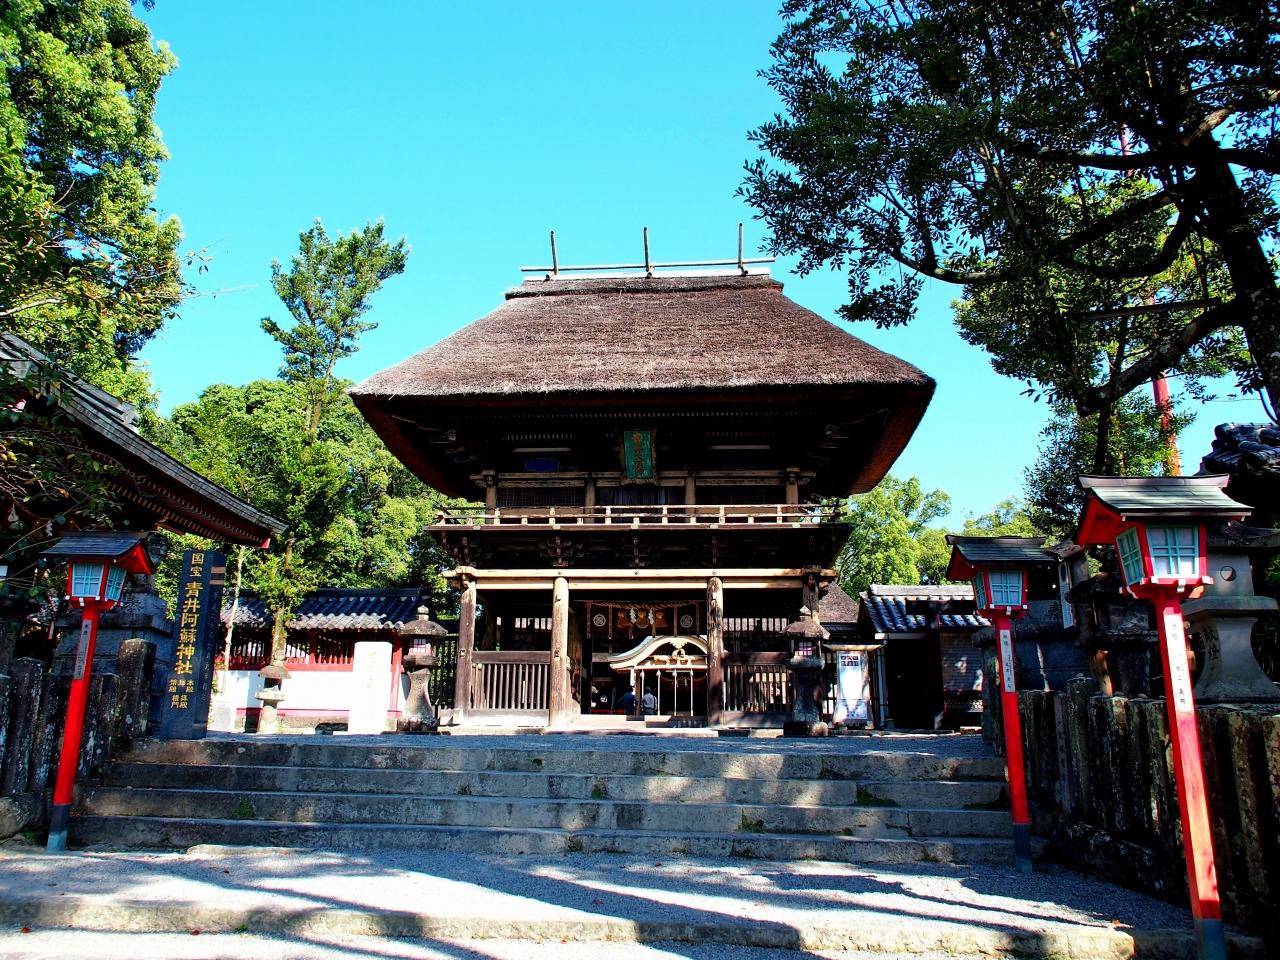 観光するなら人吉・球磨地方へ!穴場なおすすめスポットや名所を紹介!